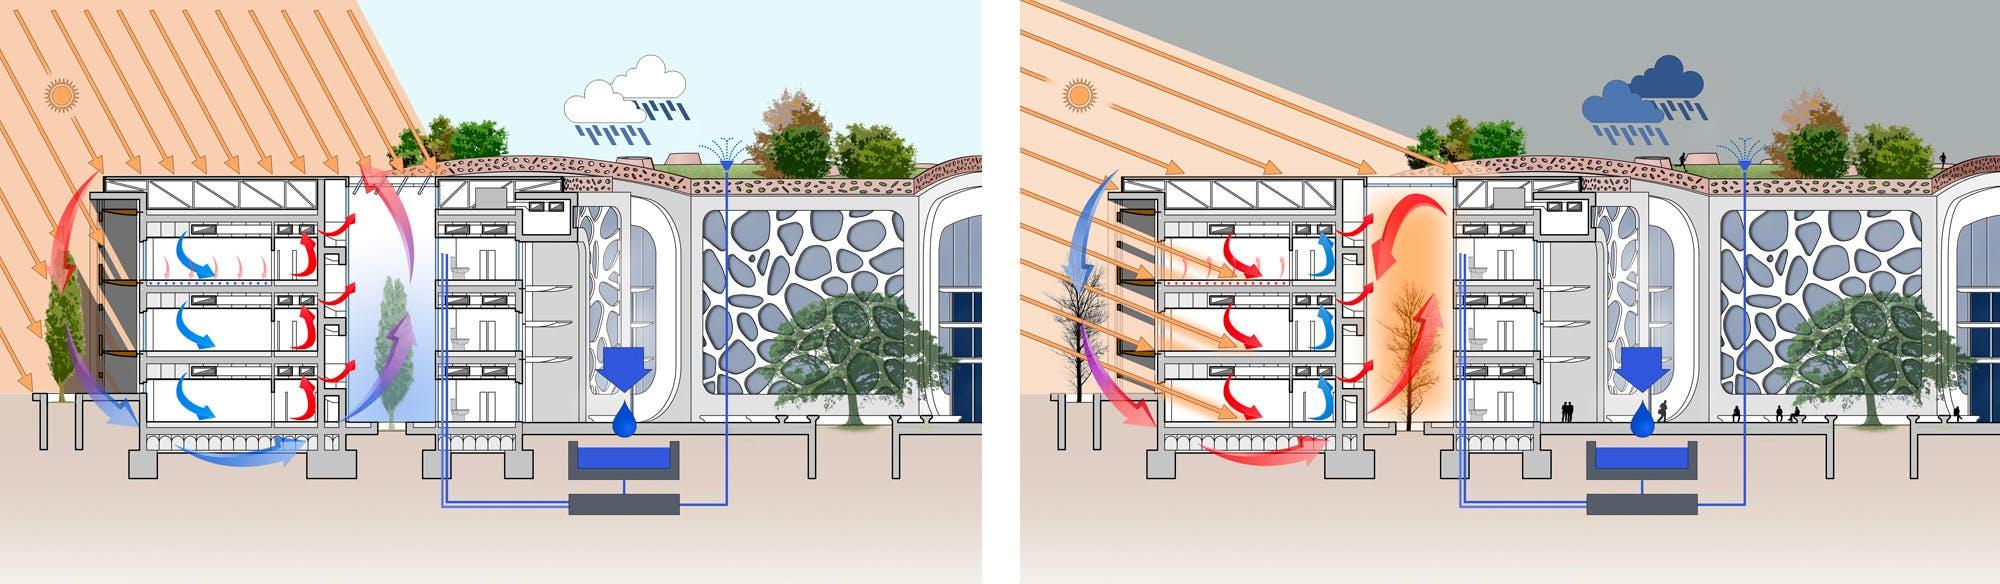 scuola del futuro: energia, emissioni e rifiuti Zero